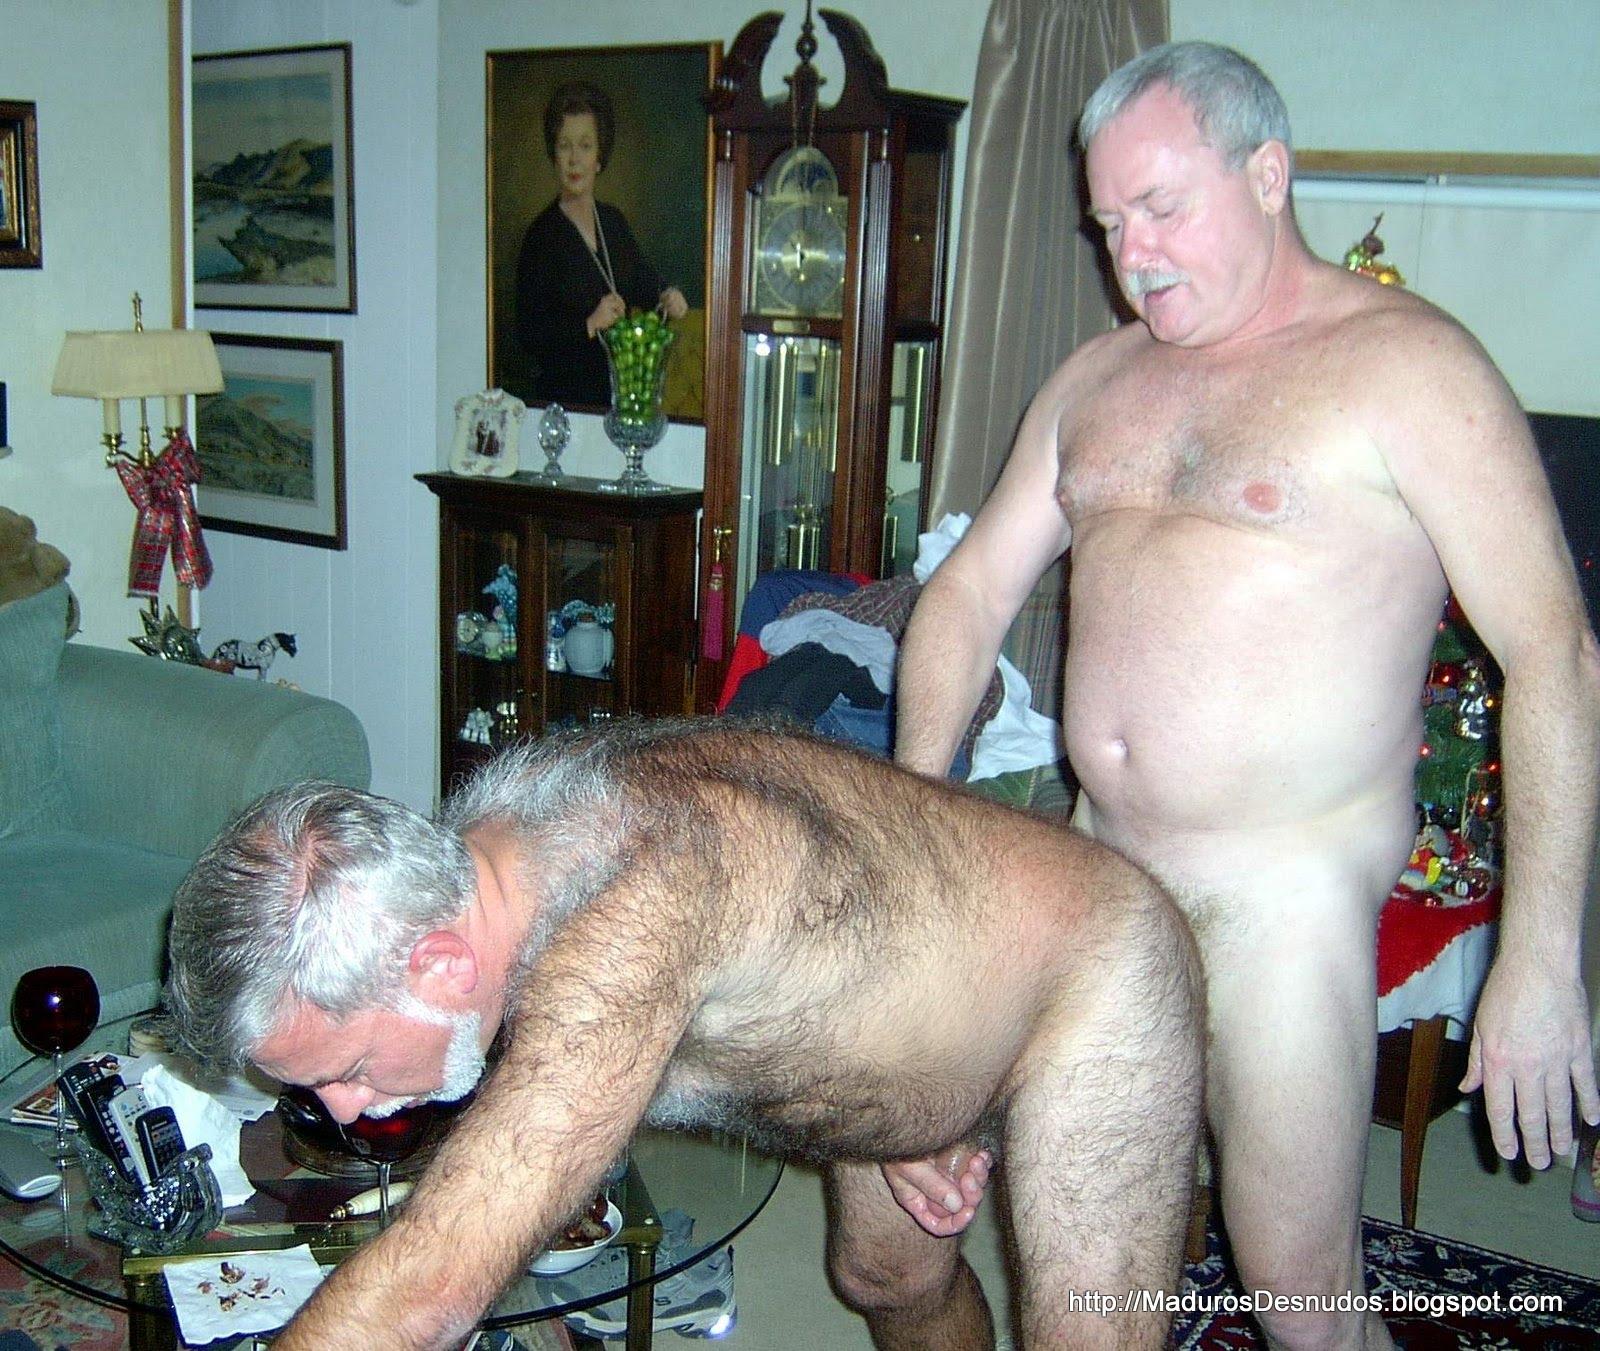 Viejos Con Bigote Gays Chupando Pollas - Porno